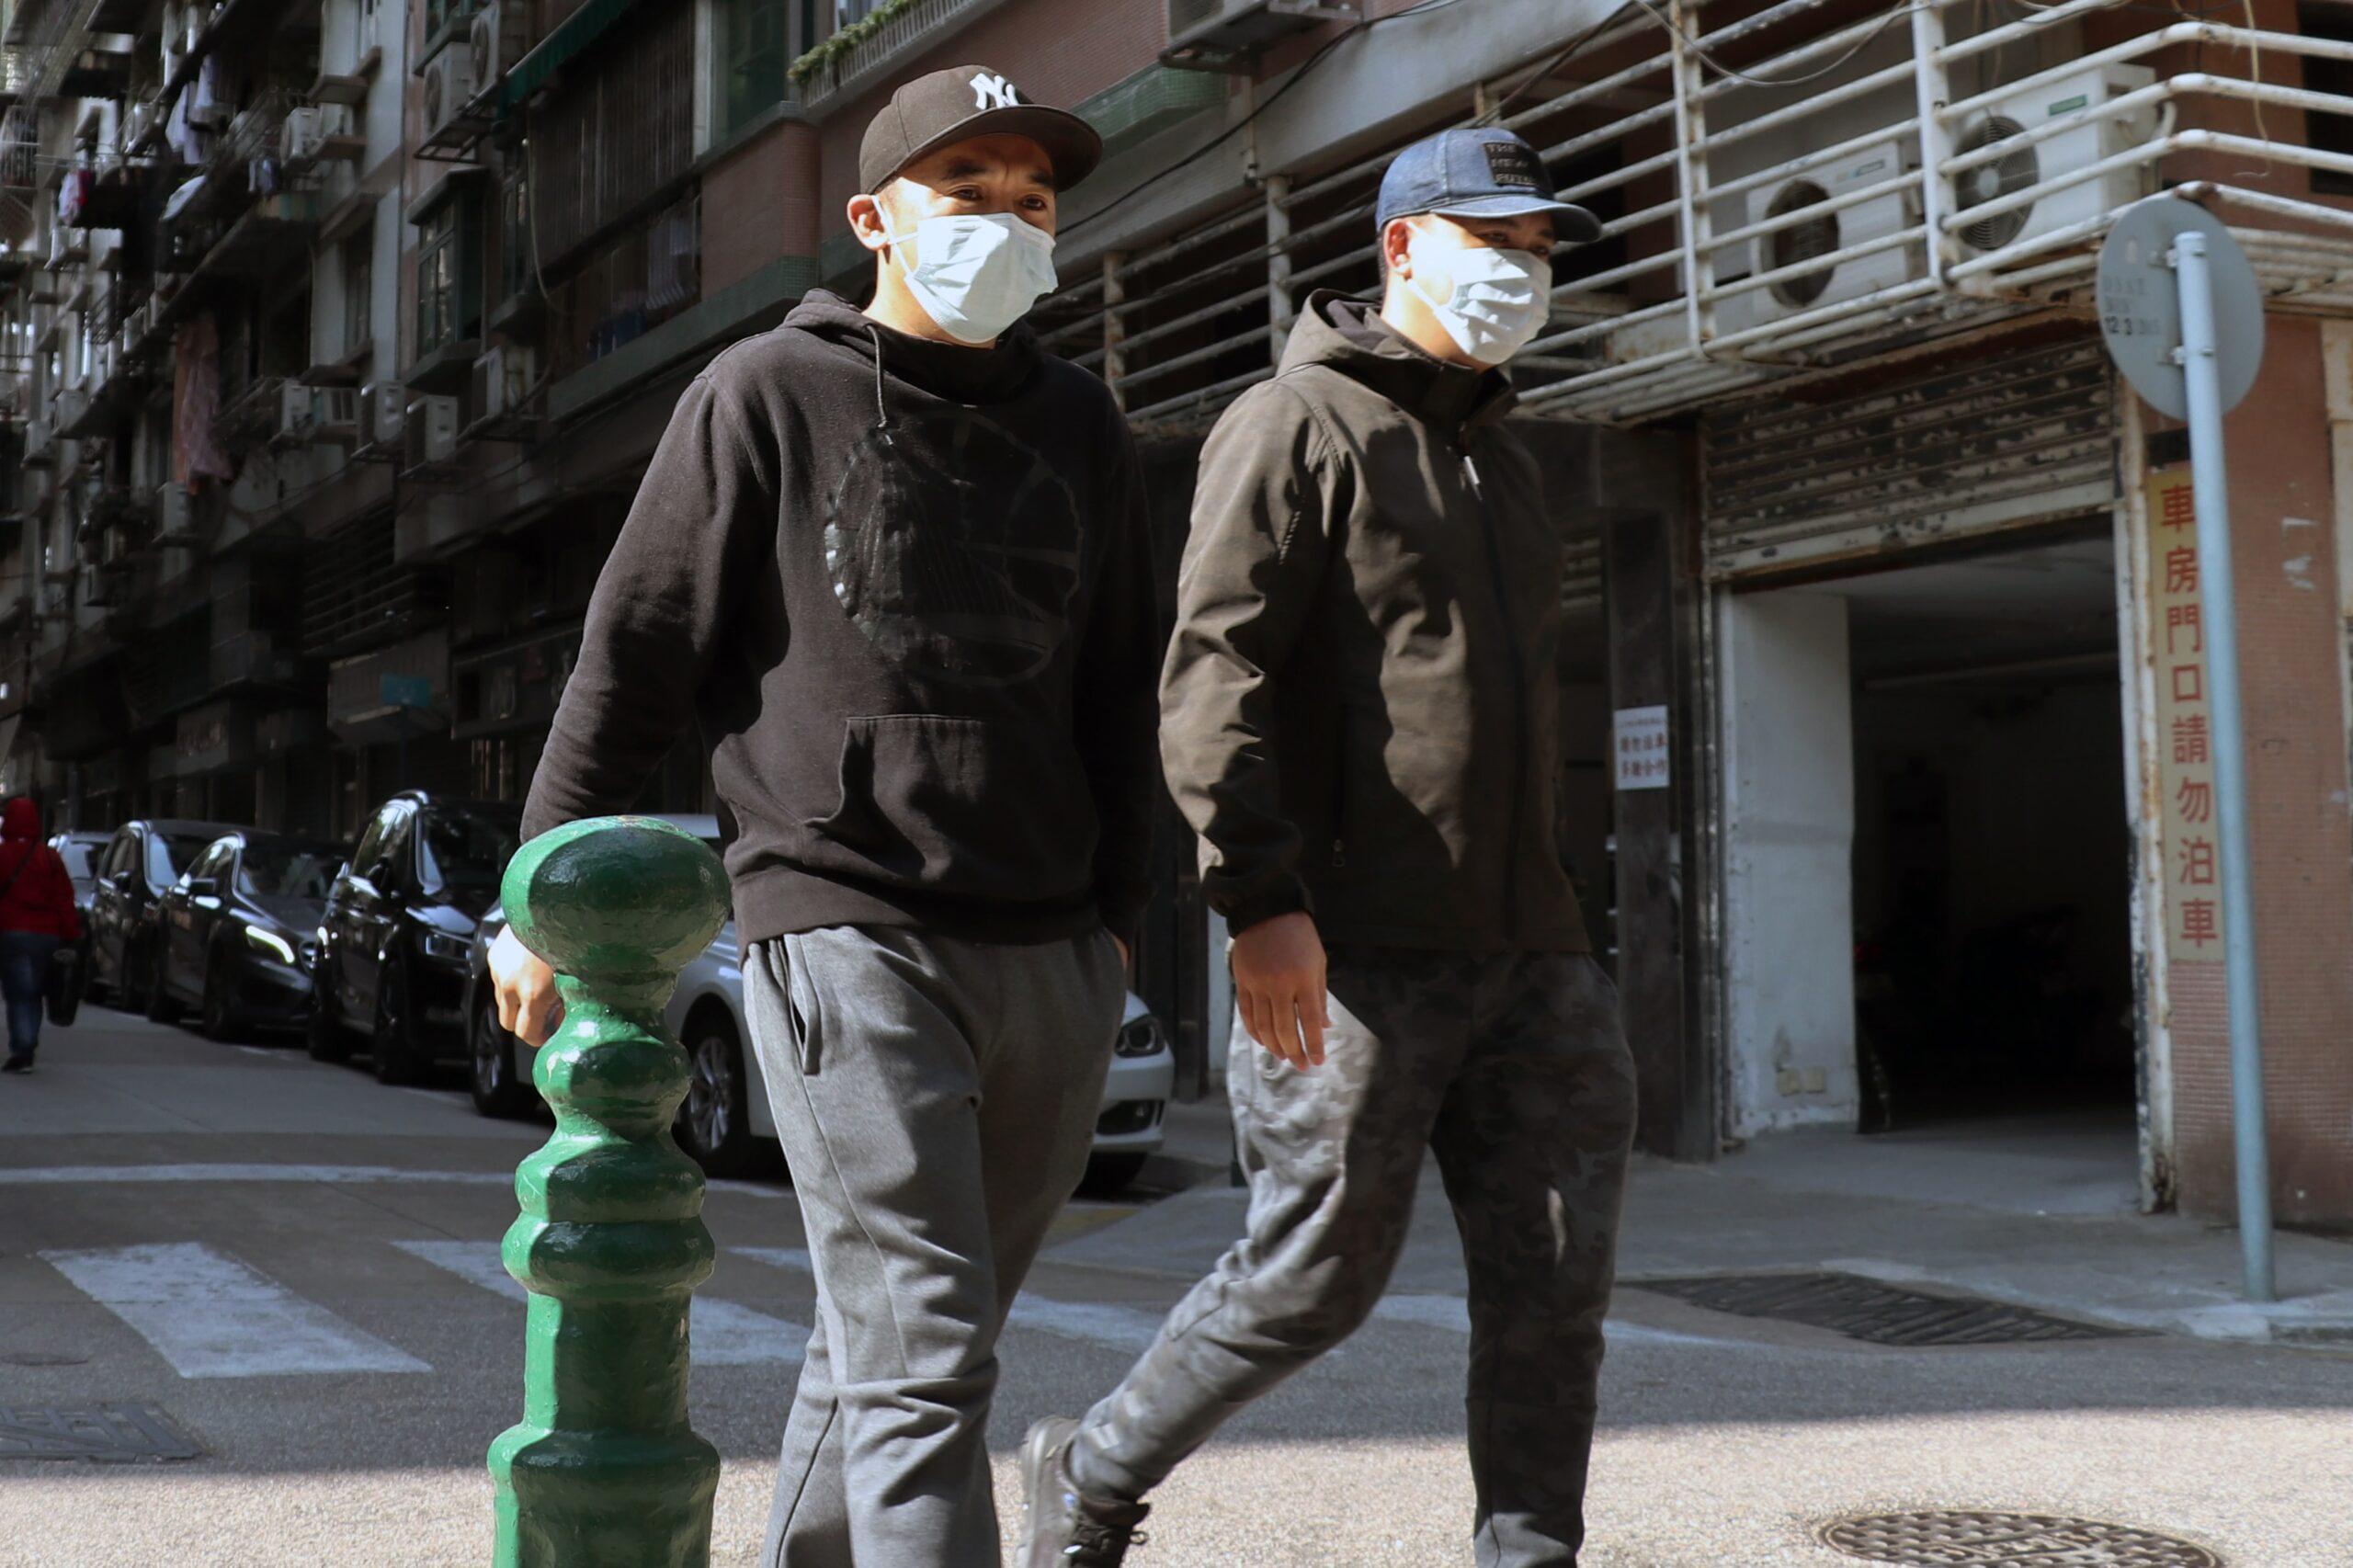 Humberto Muñoz La pandemia y sus correlatos